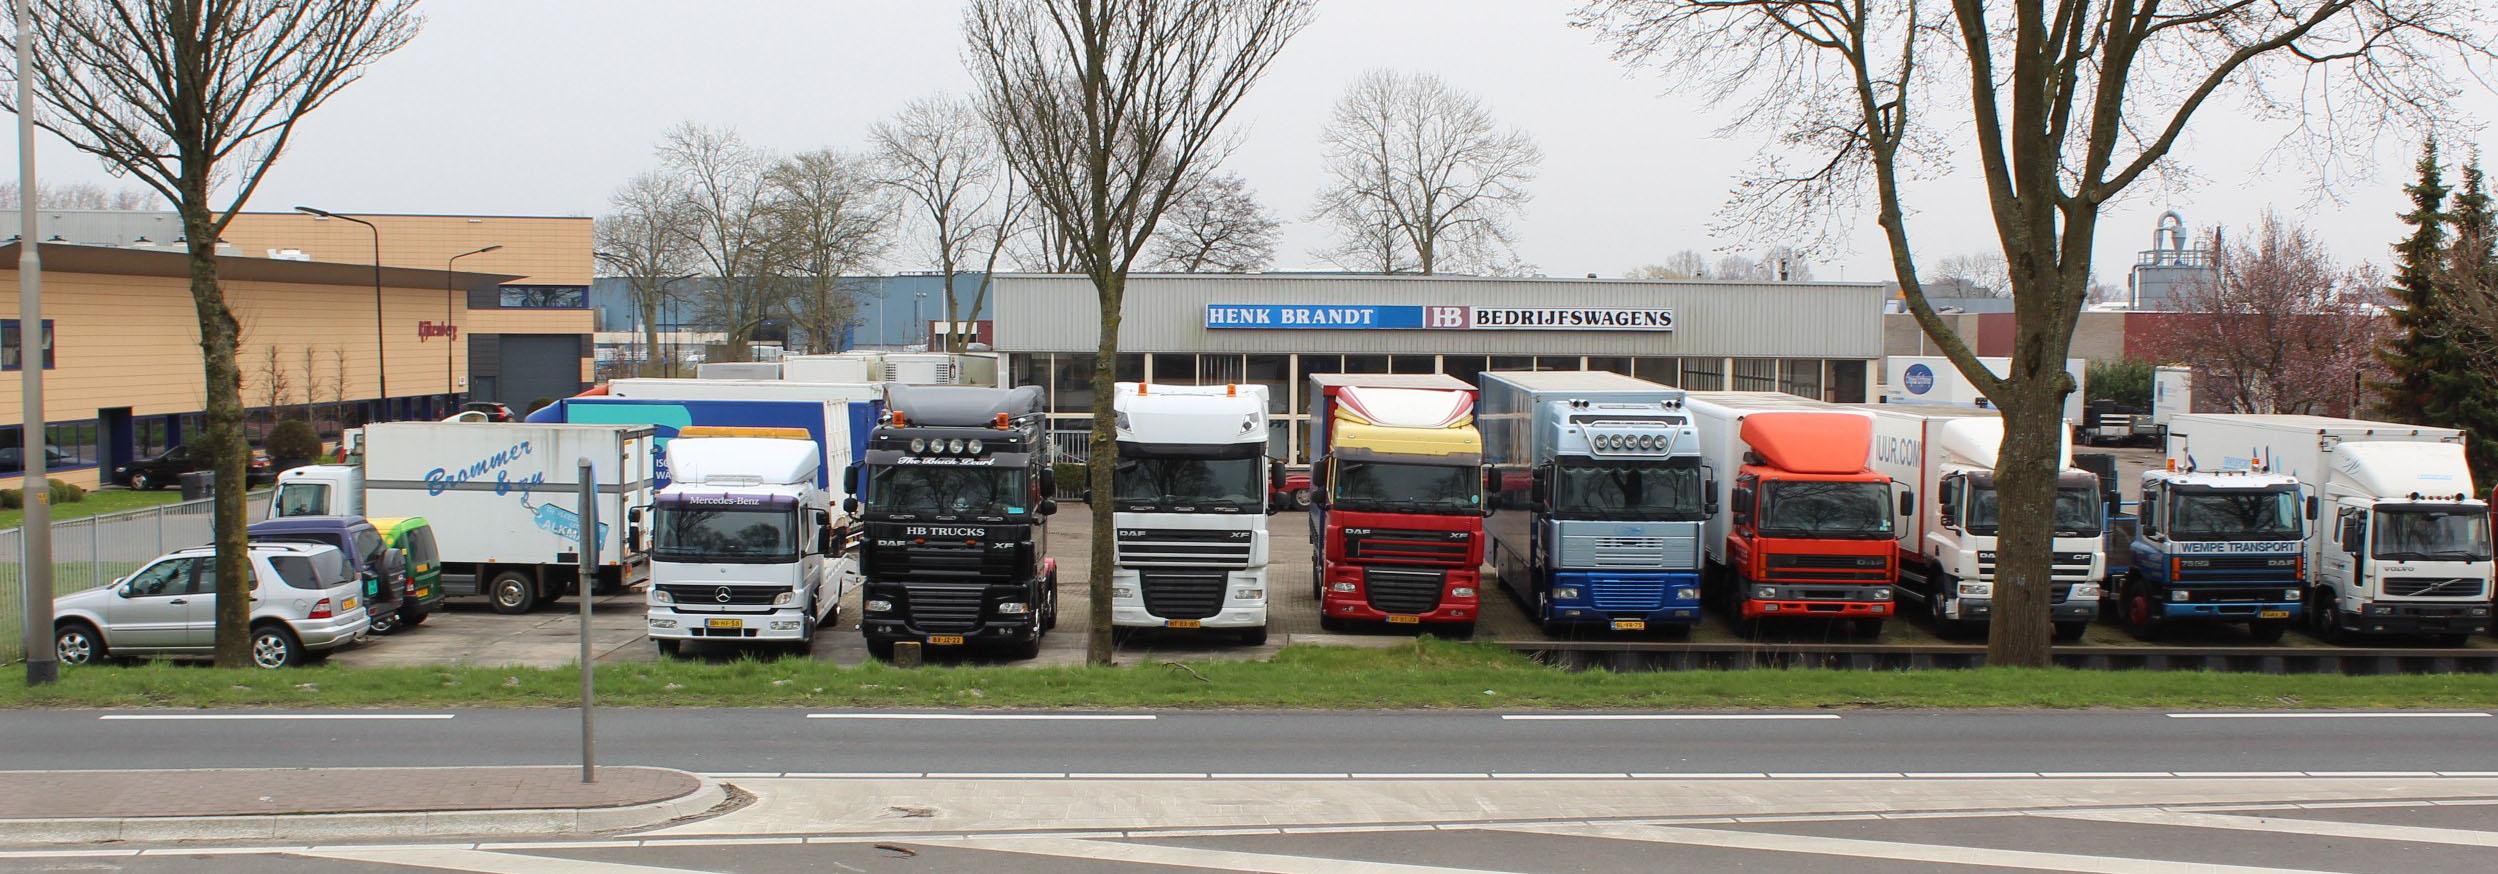 Henk Brandt Trucks Heerhugowaard